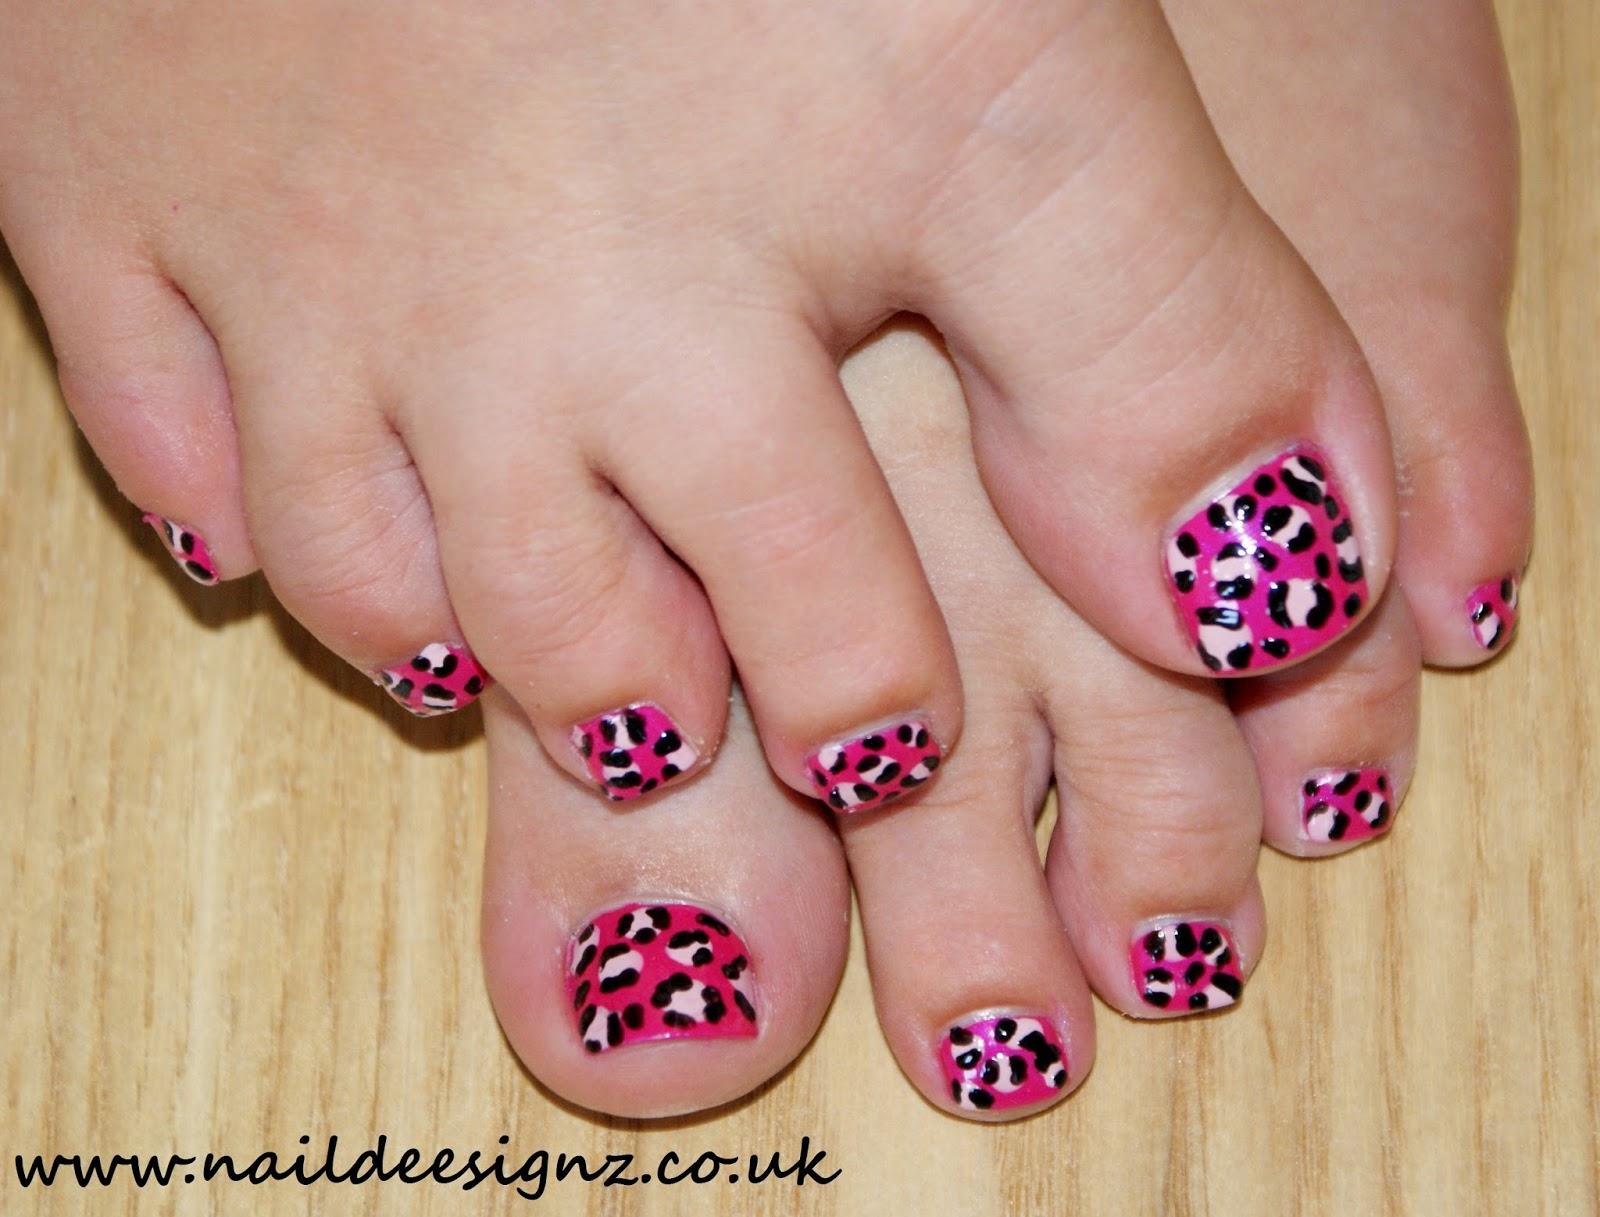 Toe Nail Designs | Pccala | Nails Ideas